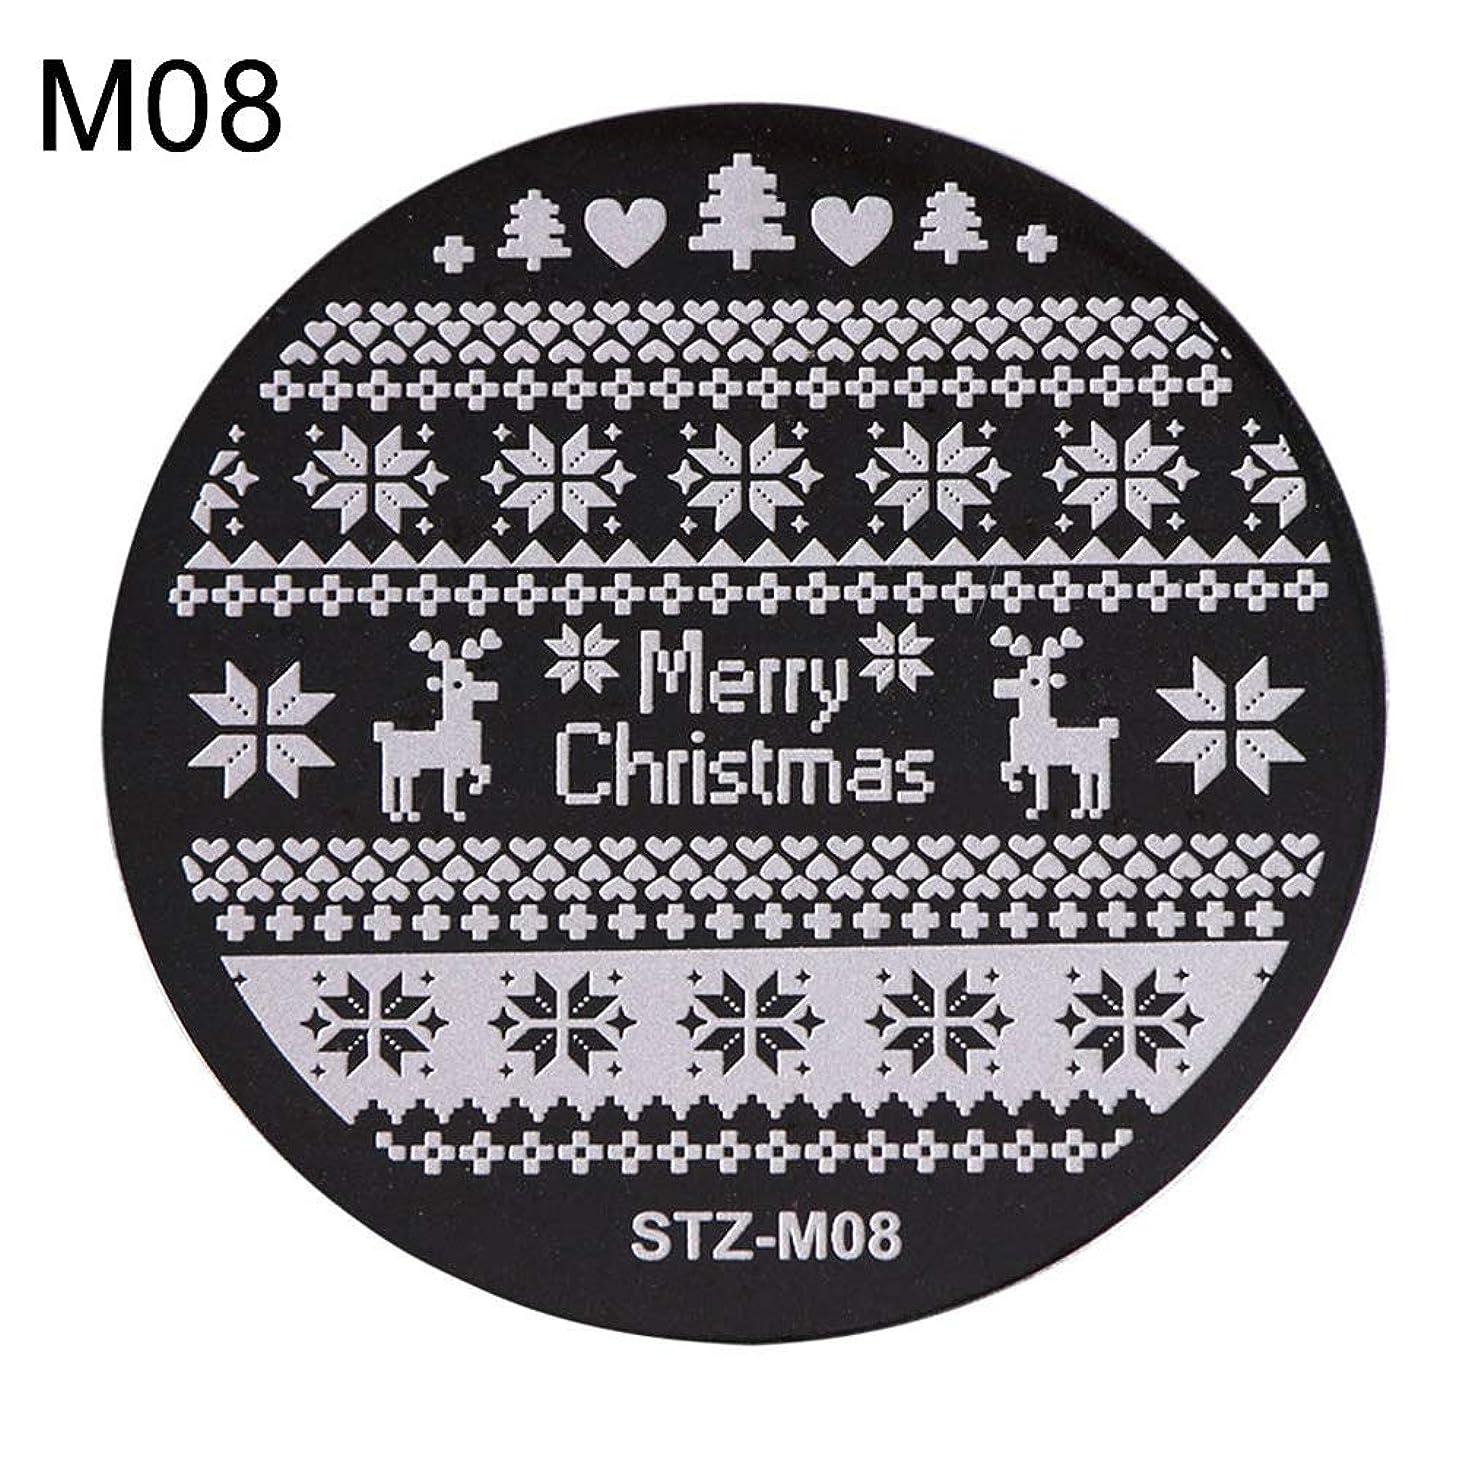 ご飯特異なカッターhamulekfae-クリスマススノーフレーク鹿の靴ネイルスタンピングプレートスタンプイメージテンプレートの装飾8